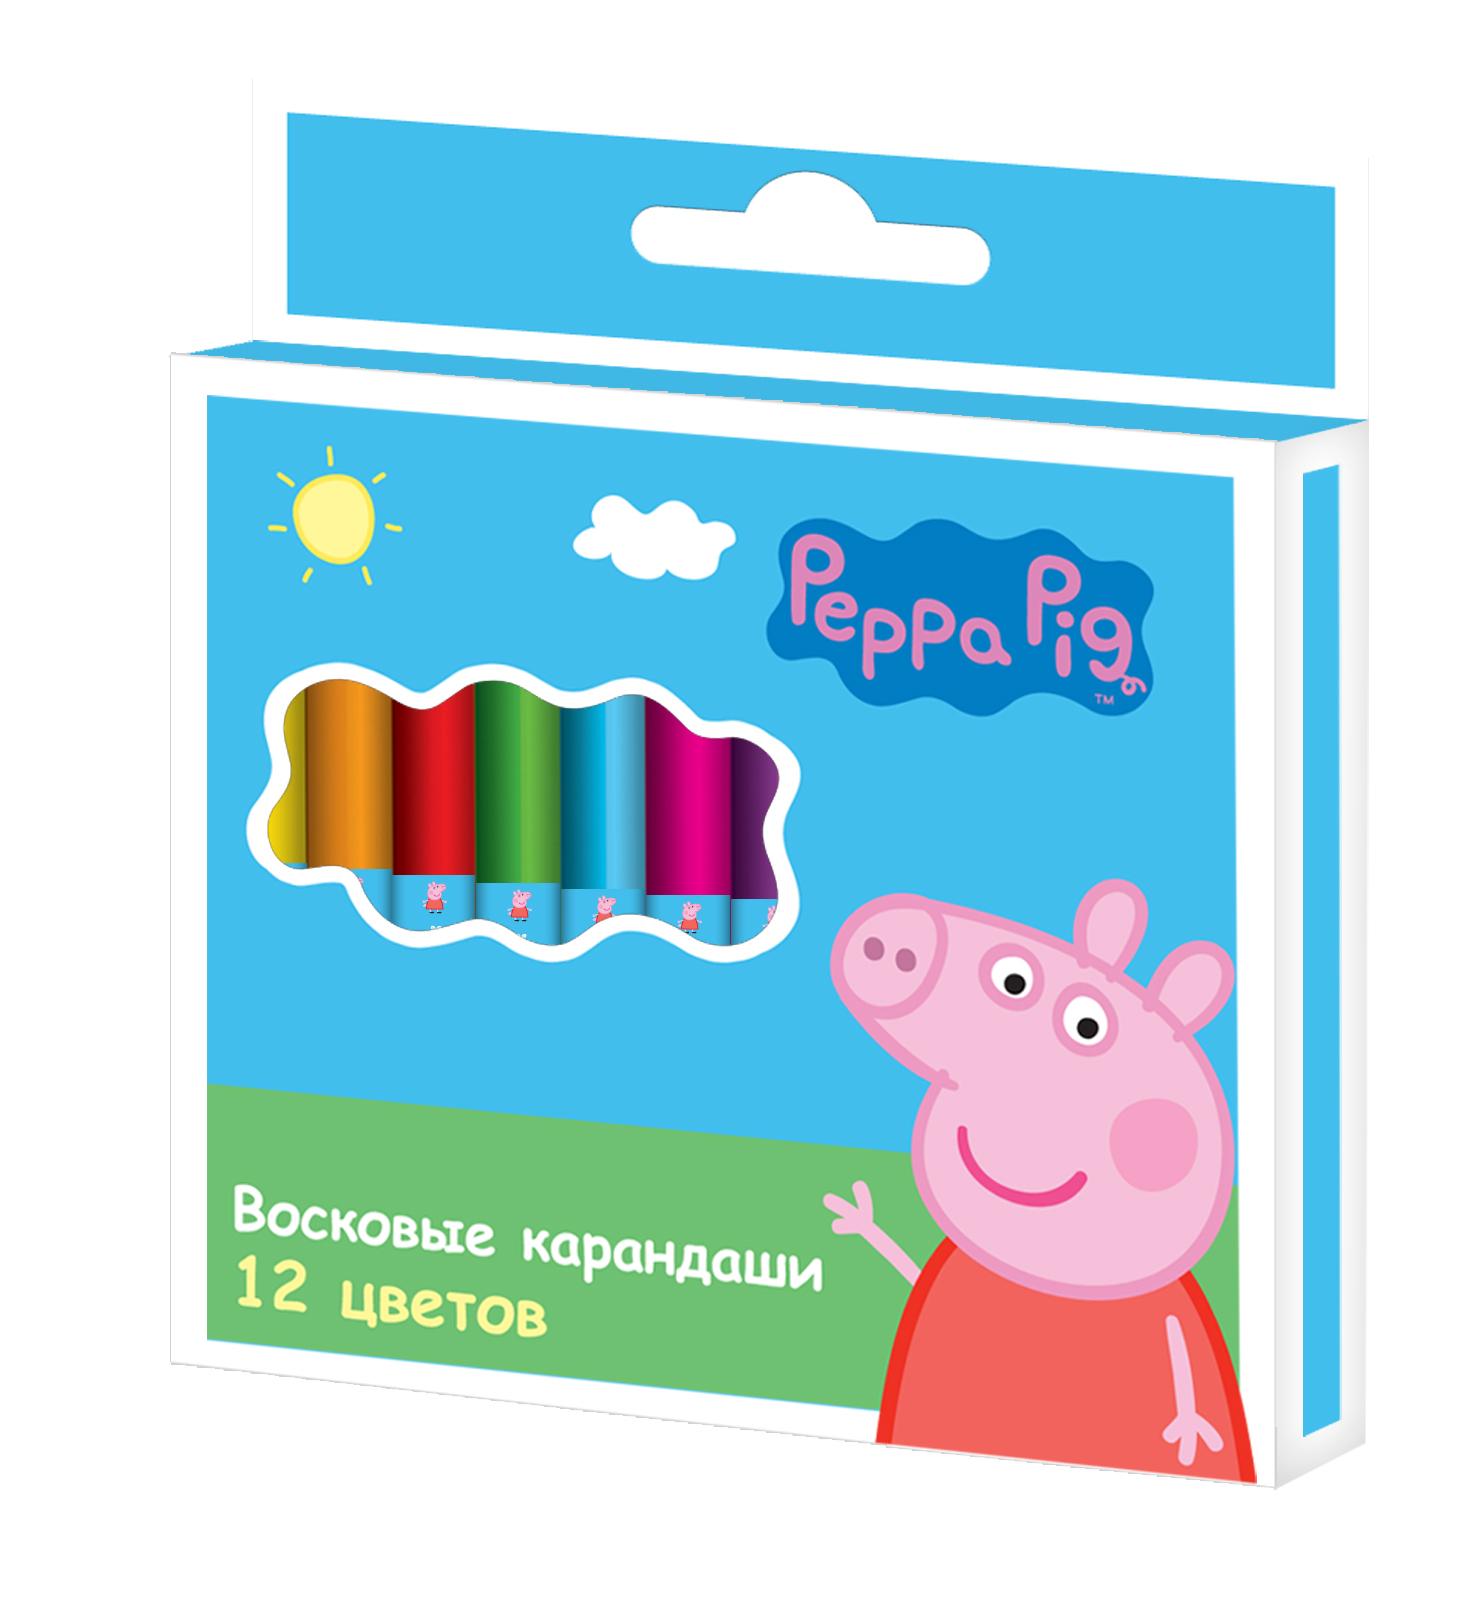 Восковые карандаши «Свинка Пеппа», 12 штукКарандаши<br>Восковые карандаши «Свинка Пеппа», 12 штук<br>